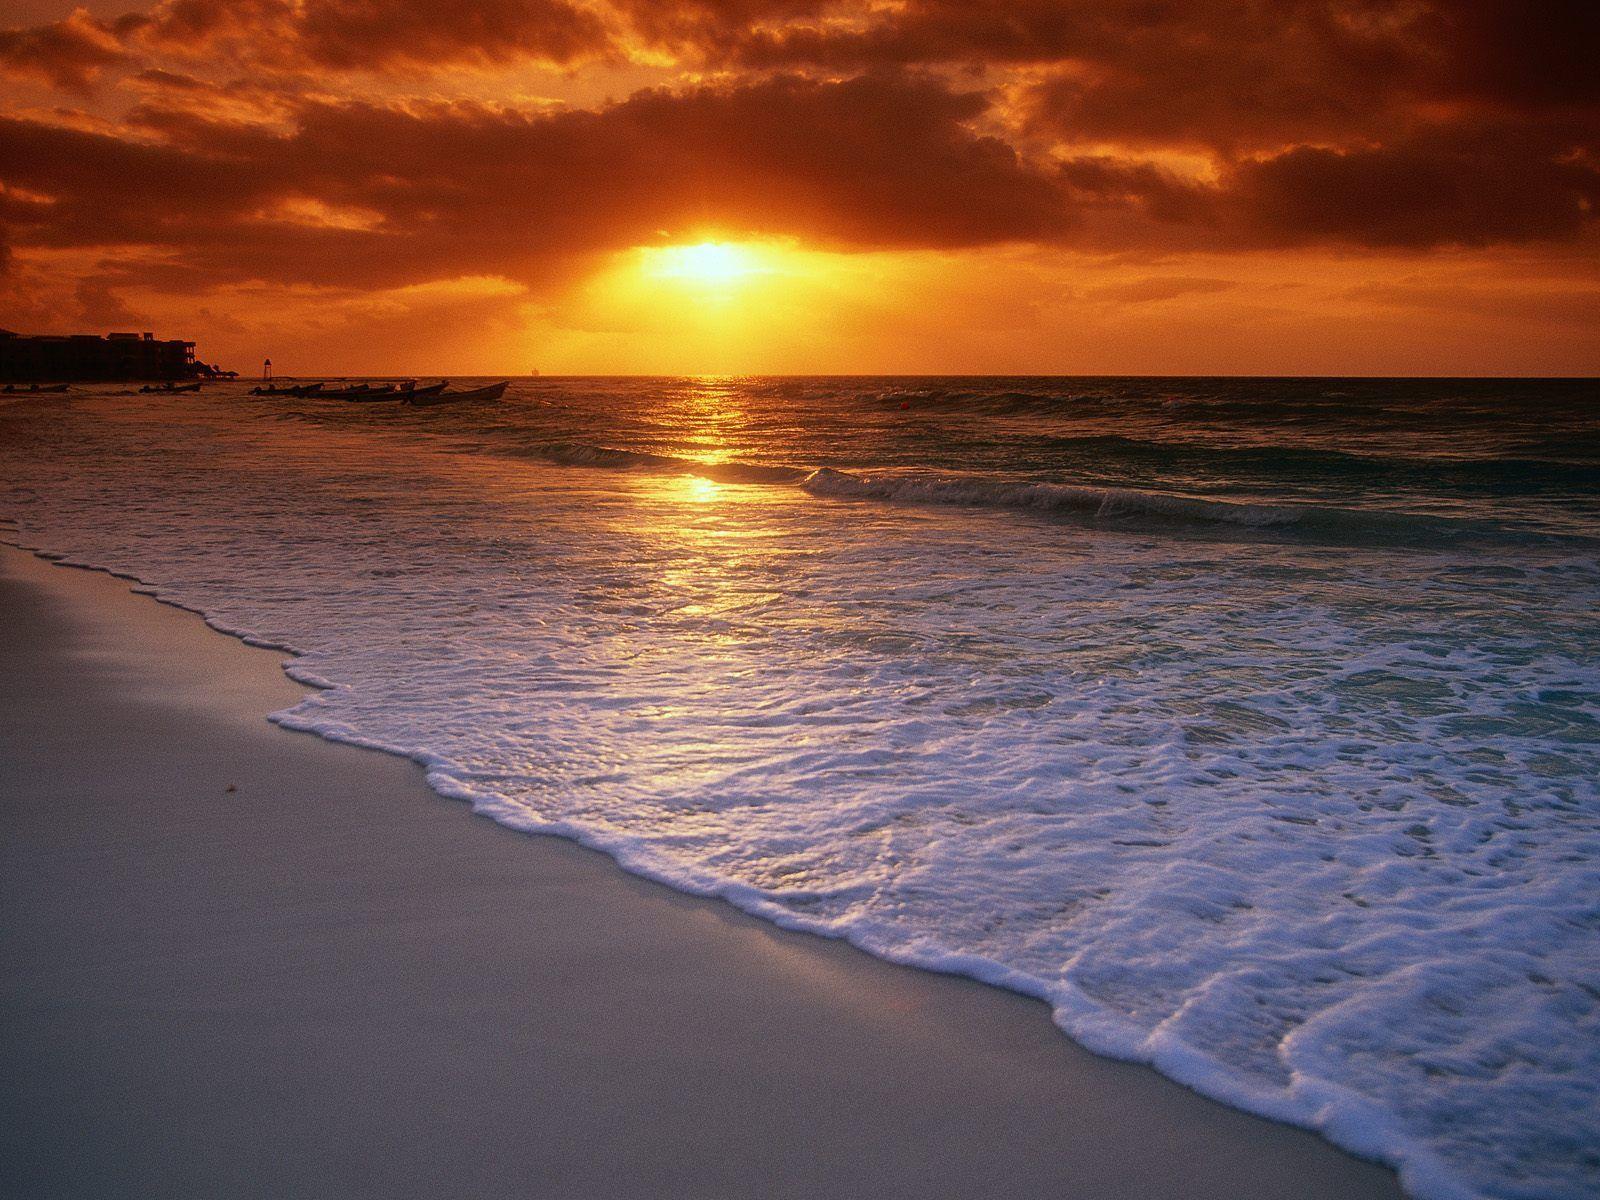 sunrise pictures 12093